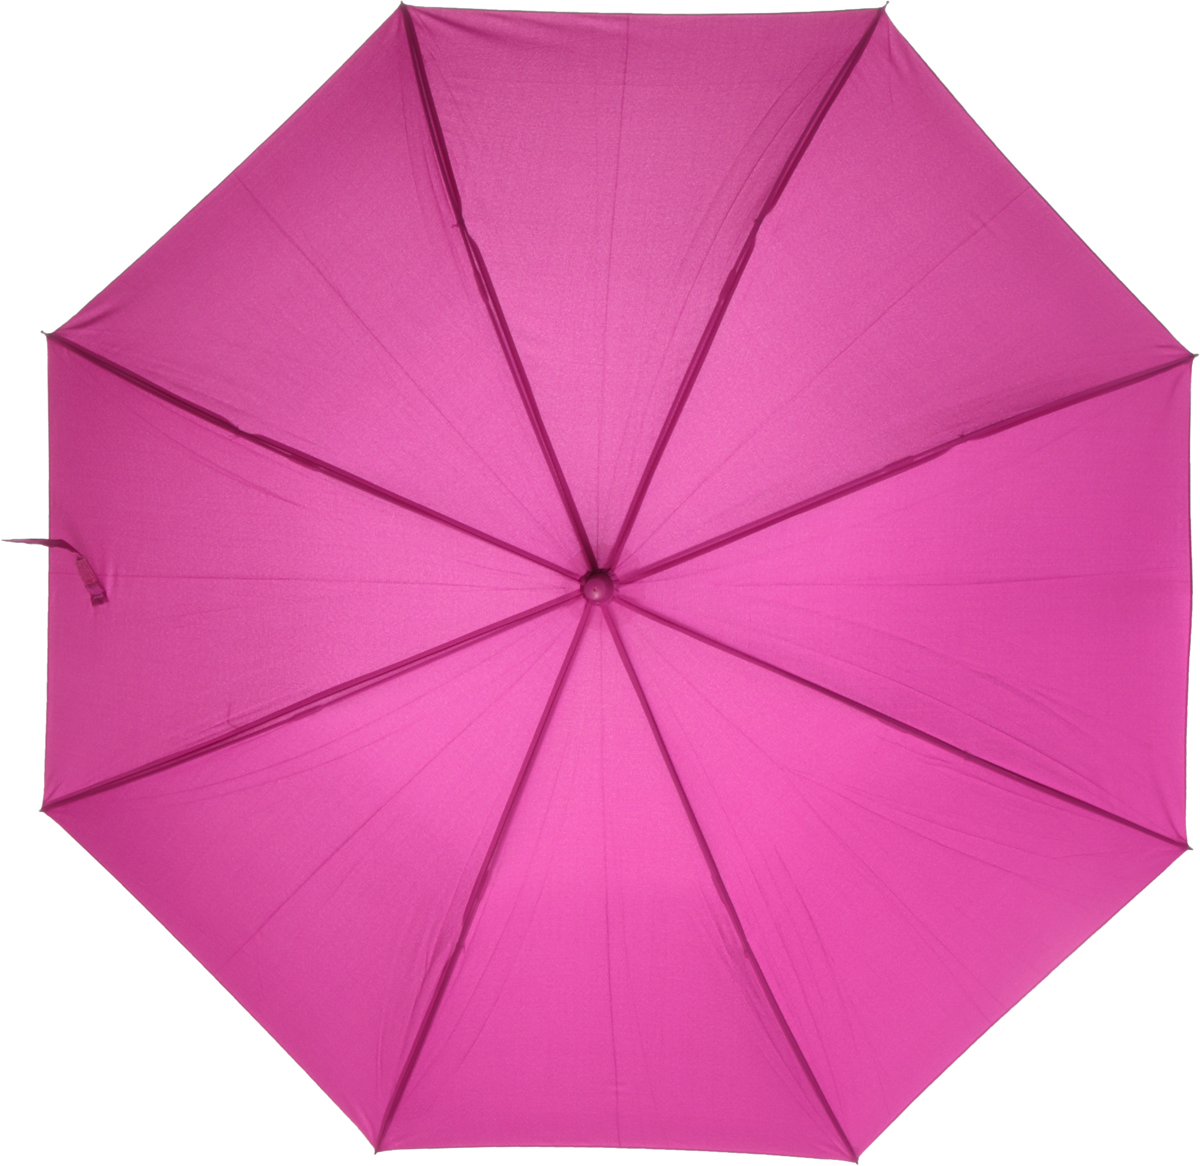 Зонт-трость женский Nuages, цвет: розовый. NZ1240/2pinkCX1516-50-10Зонт - трость. Однотонный. 8 спиц. Автоматическое открытие.